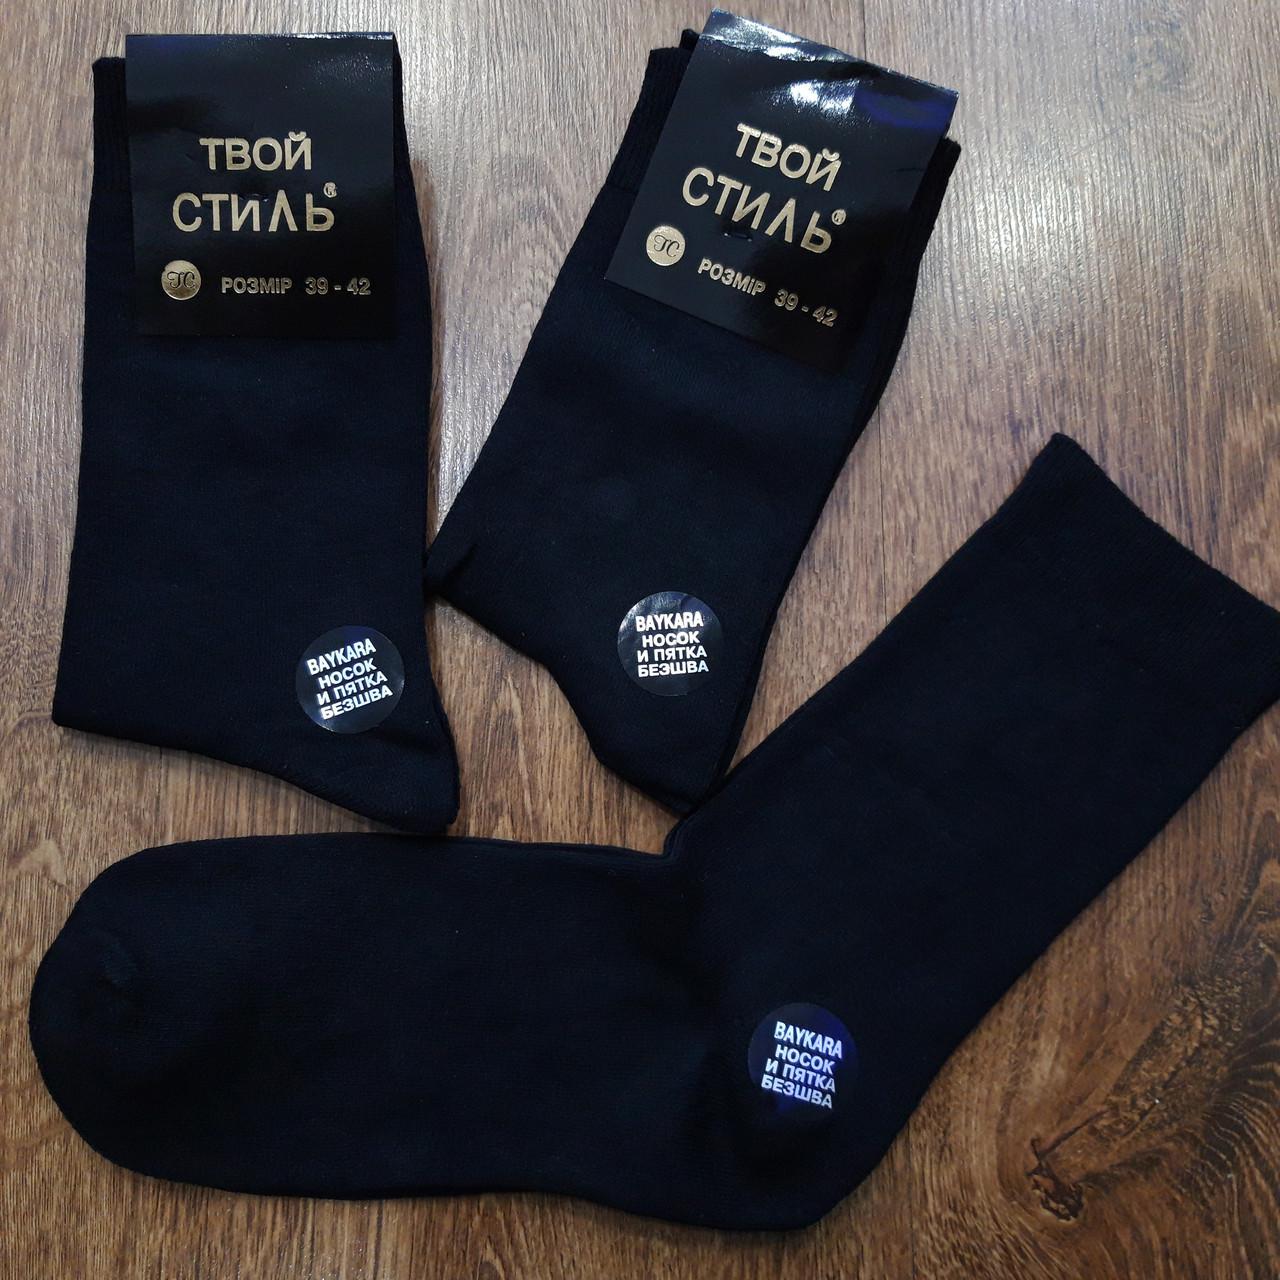 """Чоловічі безшовні стрейчеві шкарпетки""""Твой Стиль"""" 39-42"""